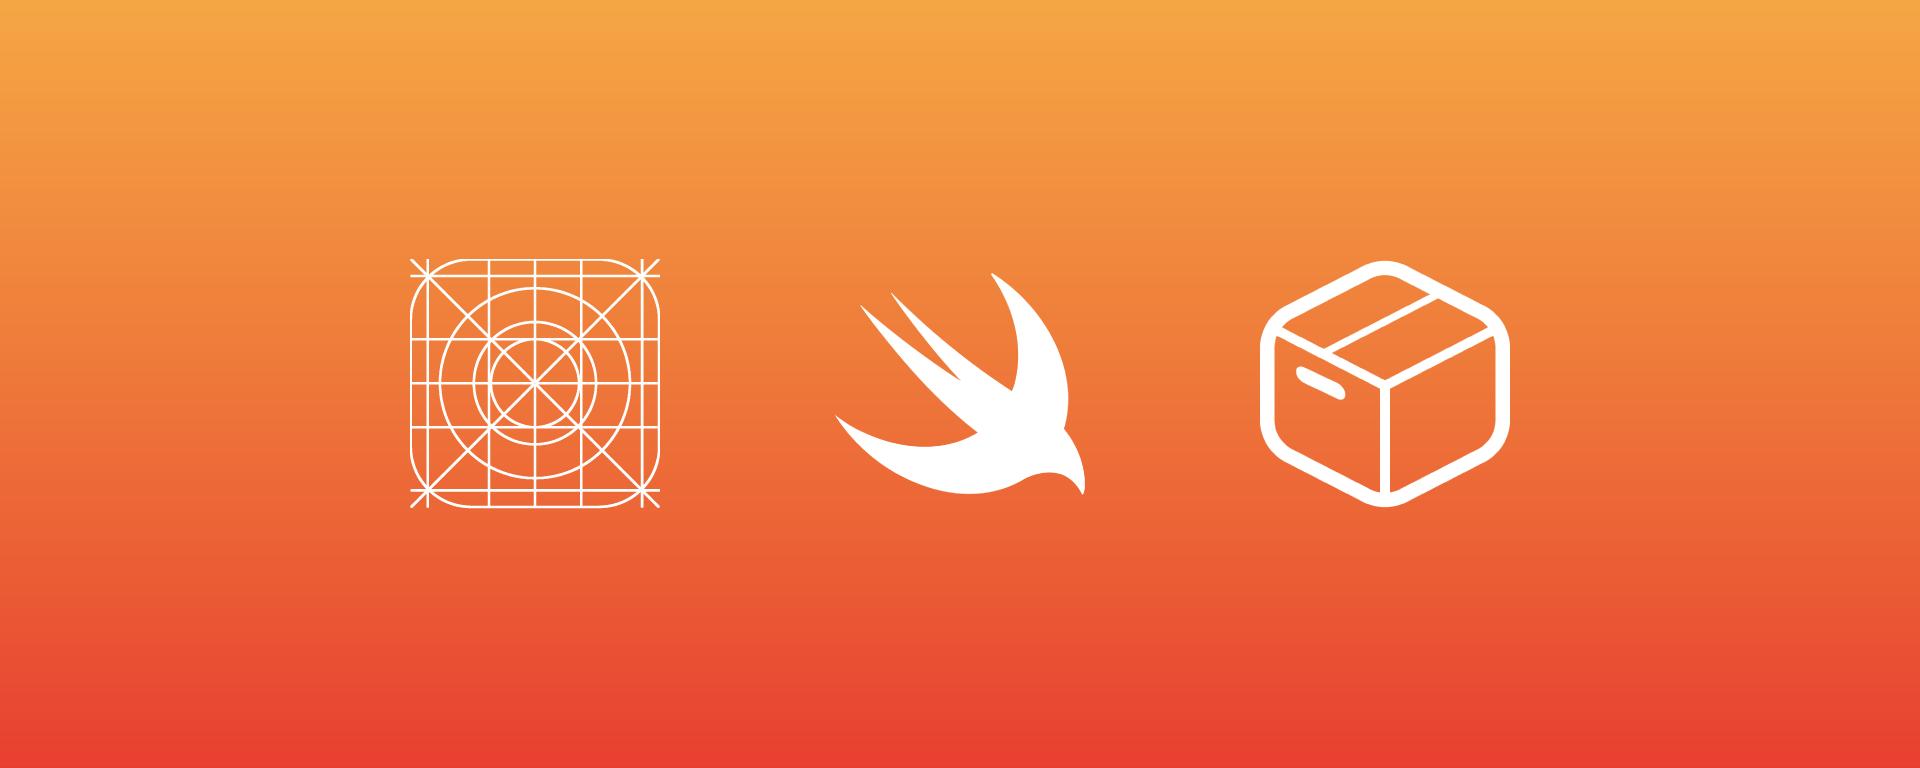 Swift Package Managerを使ってアプリアイコンの自動生成ツールを作ってみた